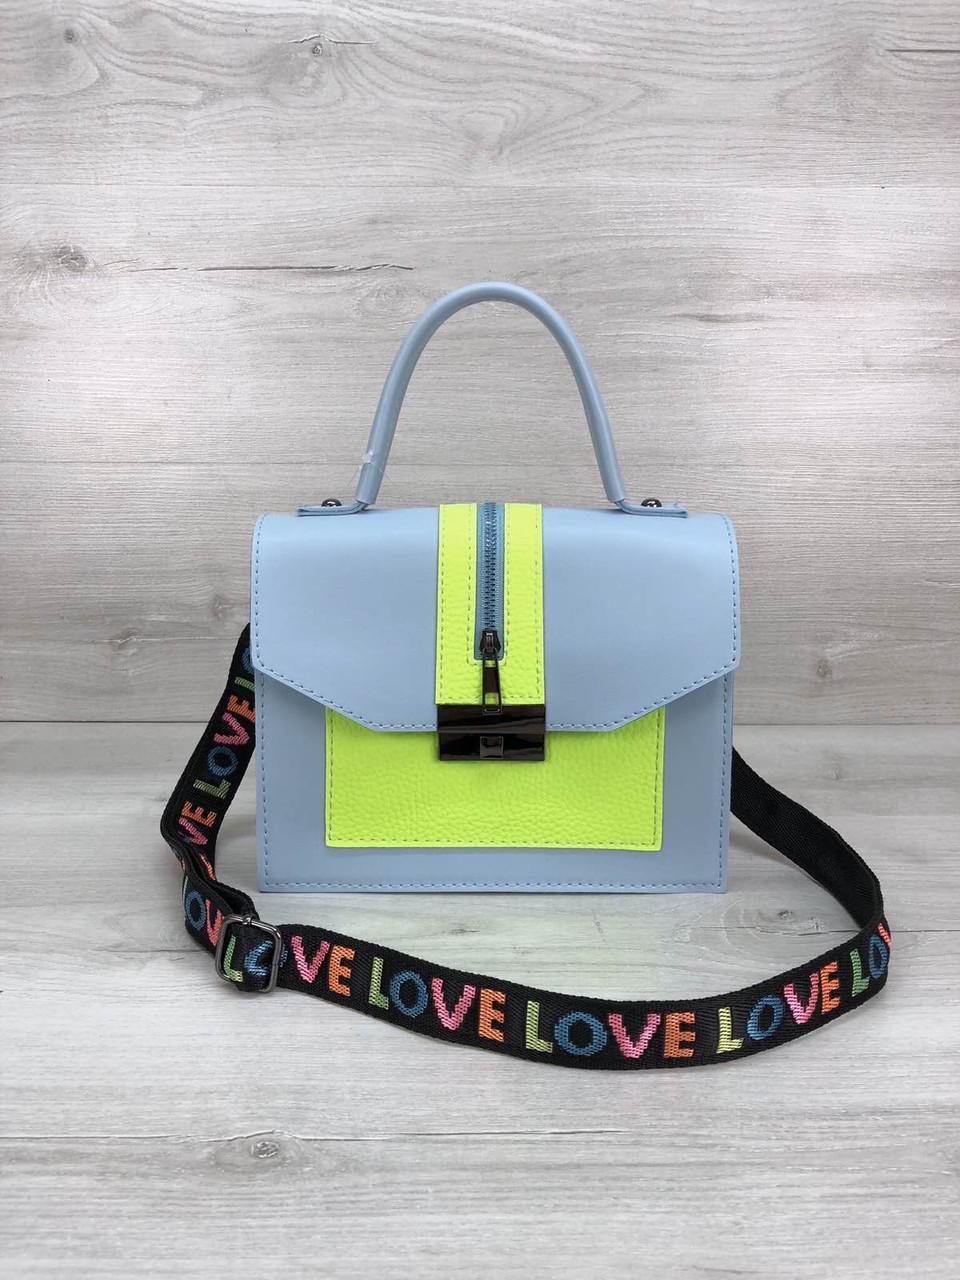 Річна яскрава блакитна сумочка каркасна на широкому ремені текстильному